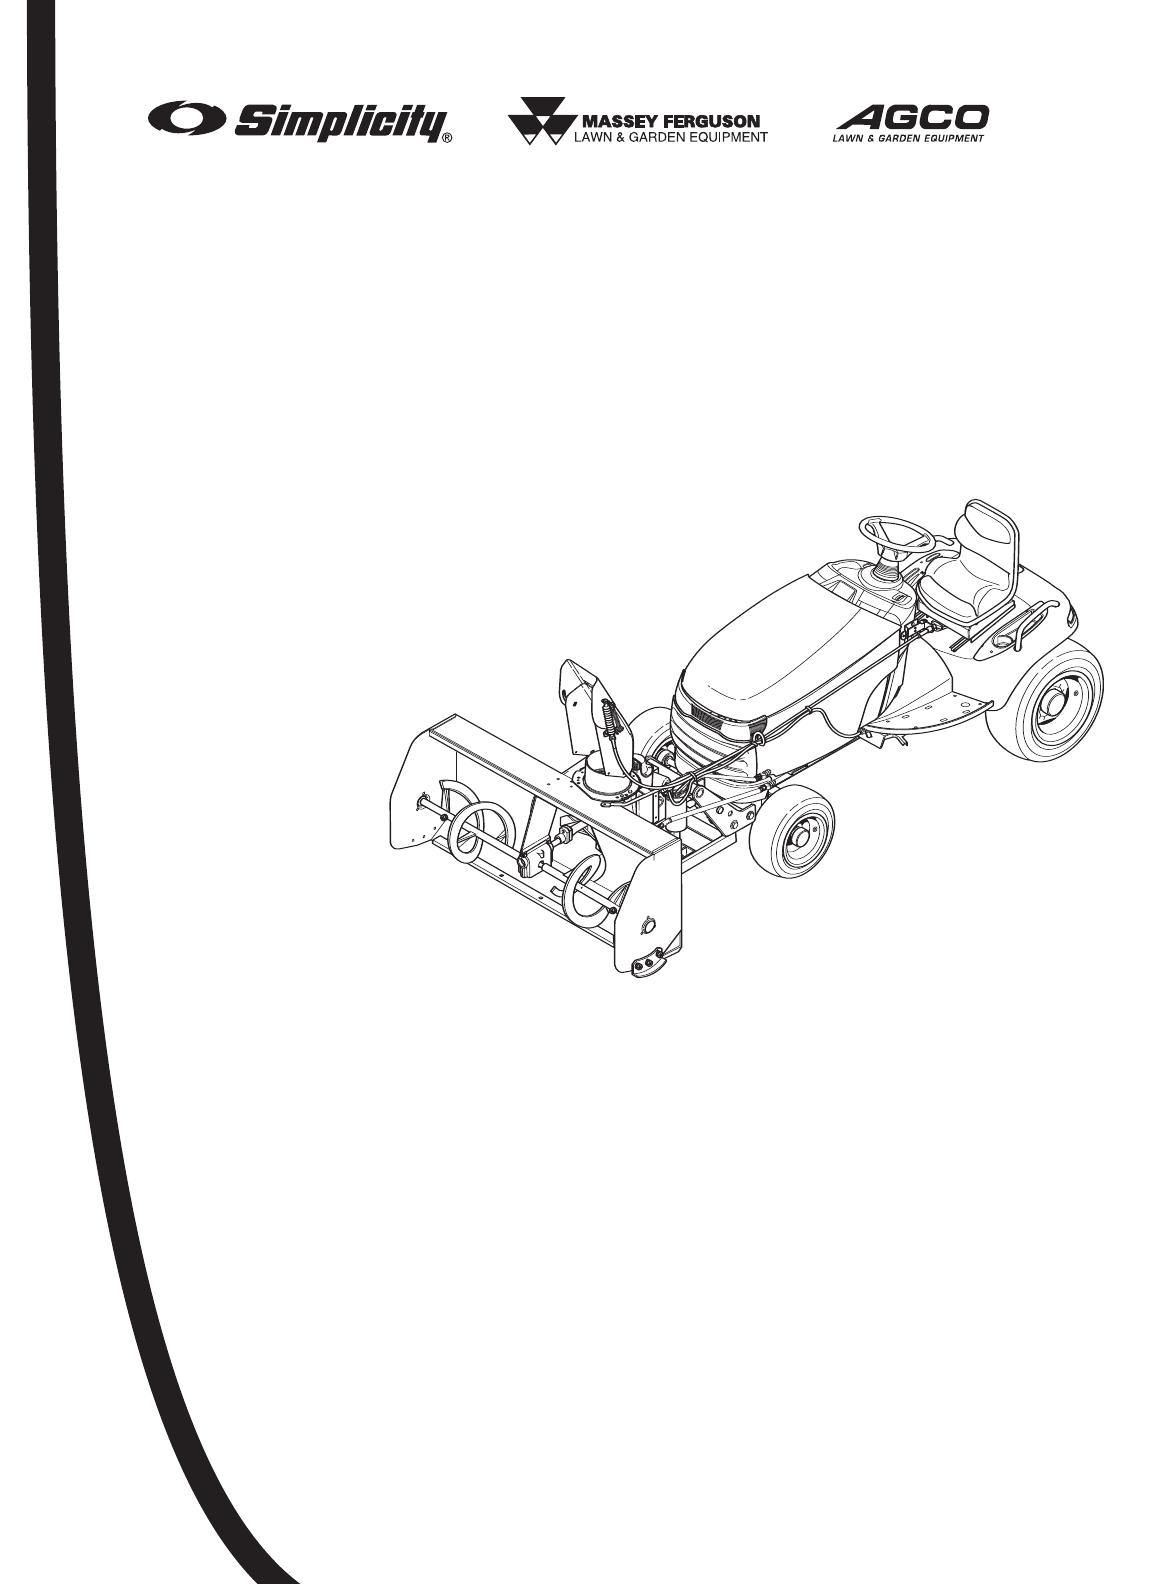 Massey Ferguson L&G Snow Blower 1694404 User Guide